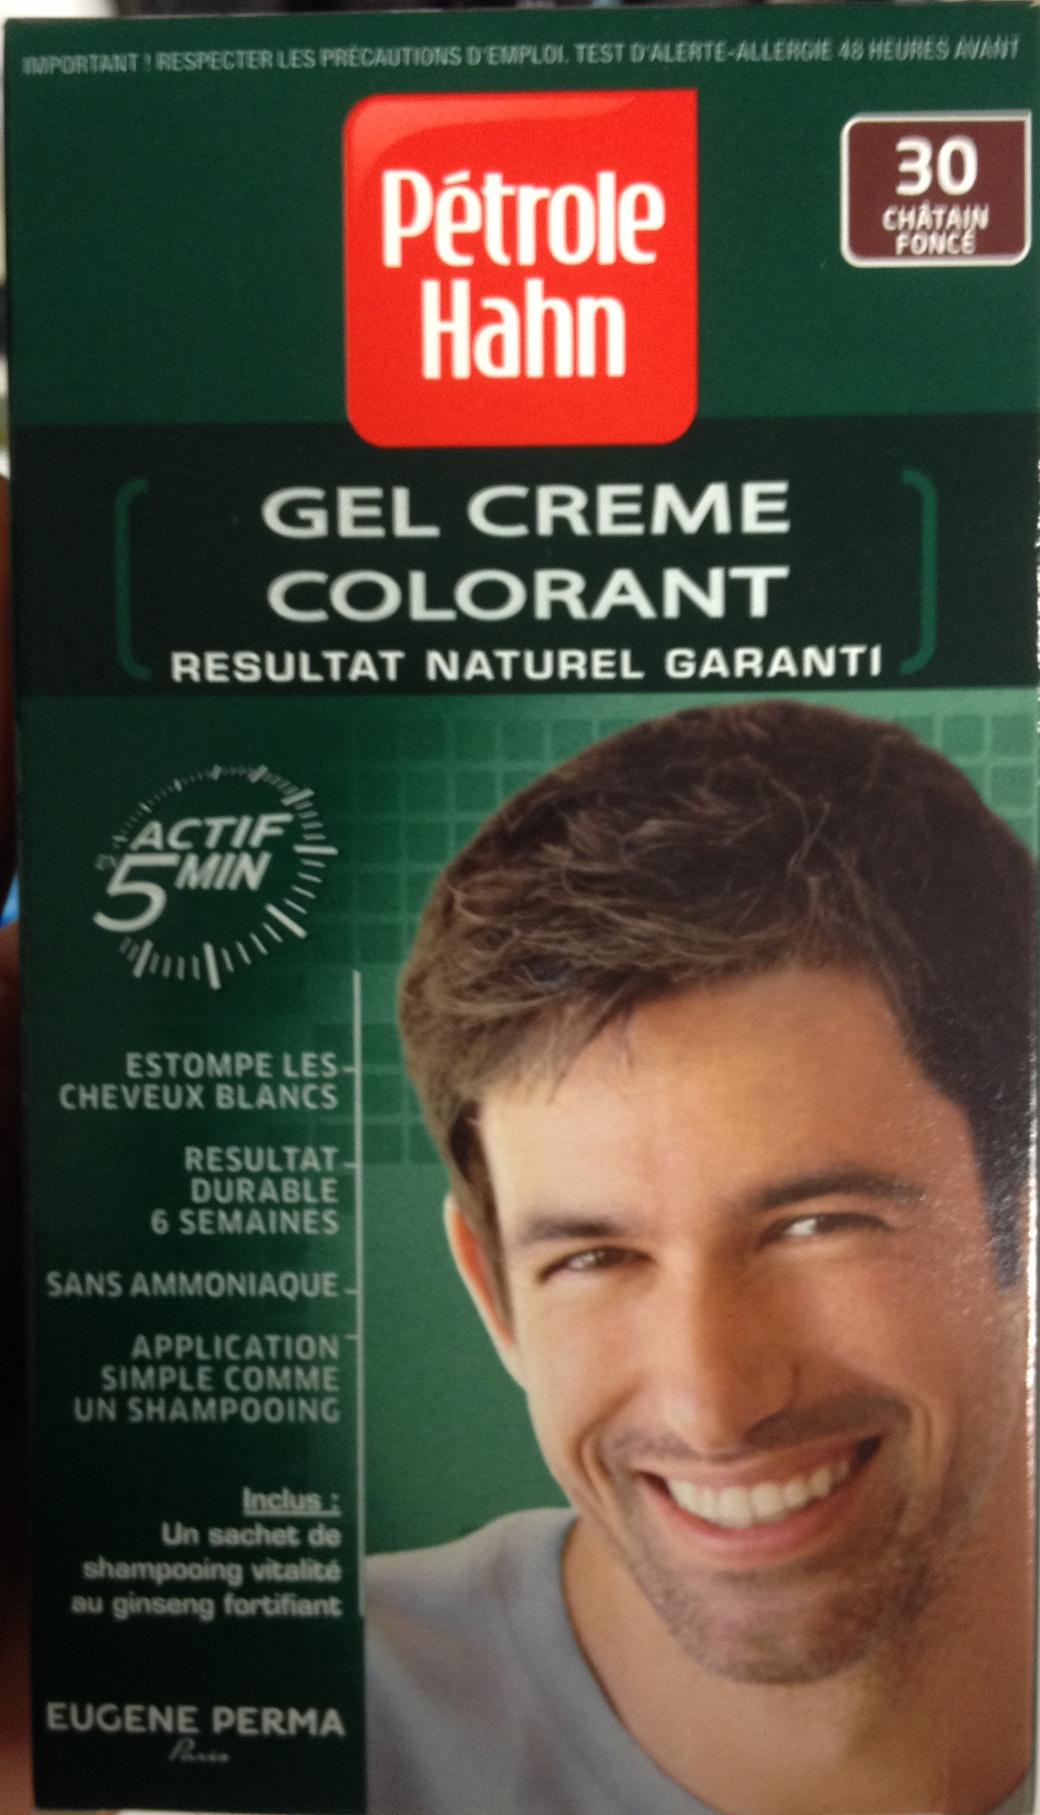 Gel crème colorant n°30 châtain foncé - Product - fr